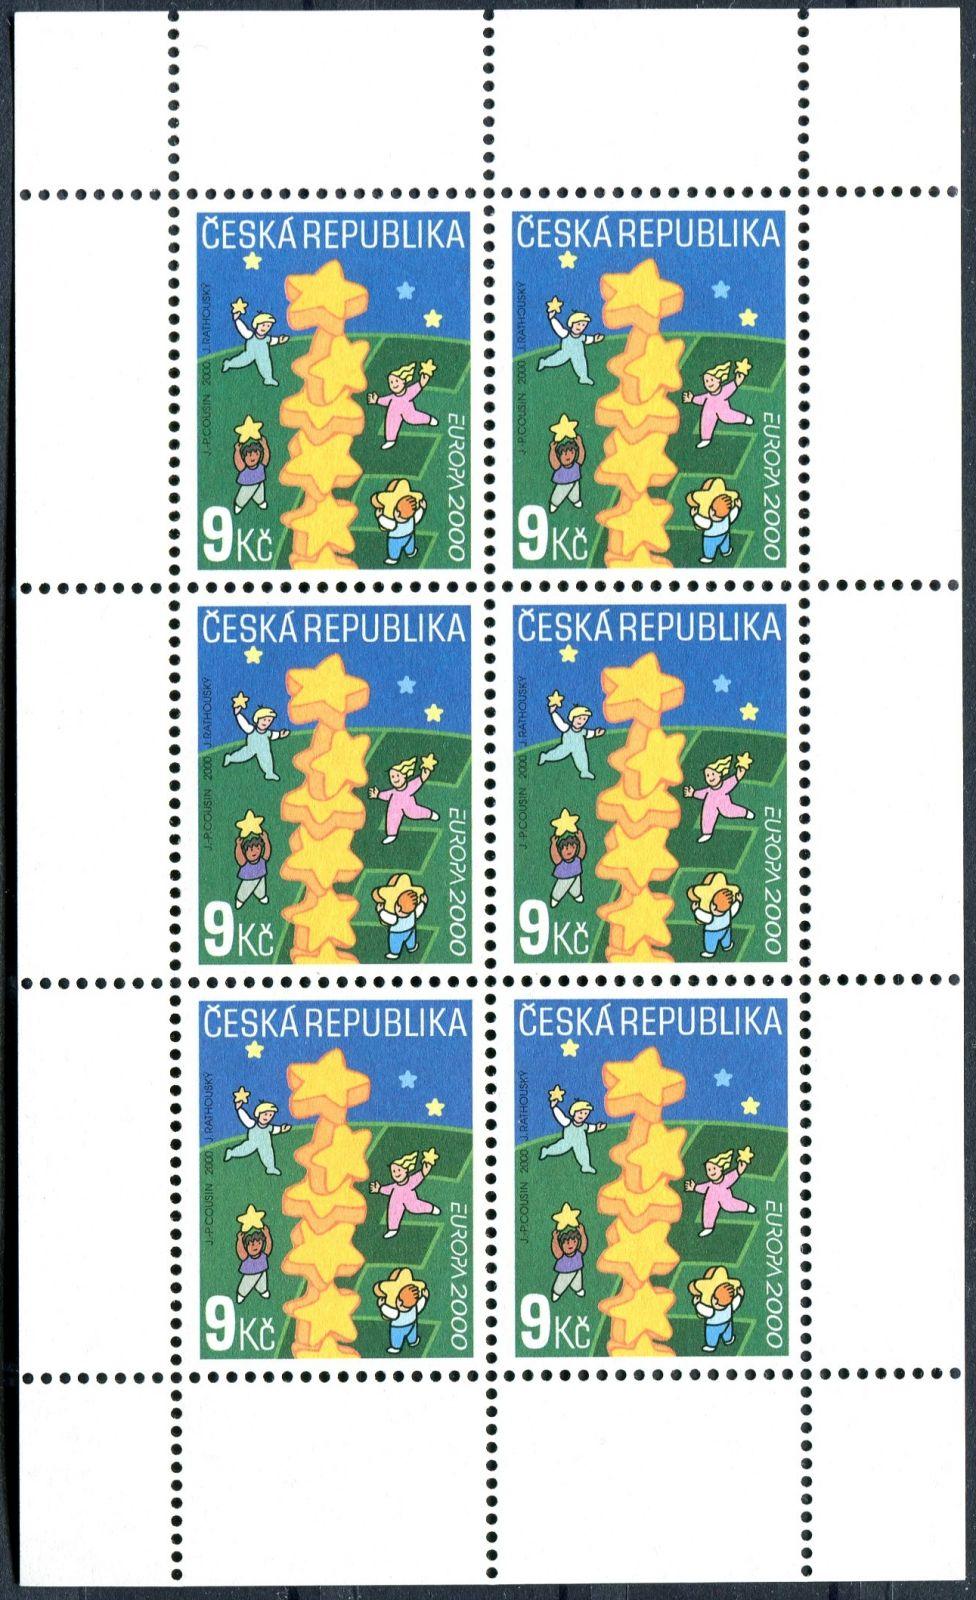 (2000) PL 253 ** -  Česká republika - EUROPA